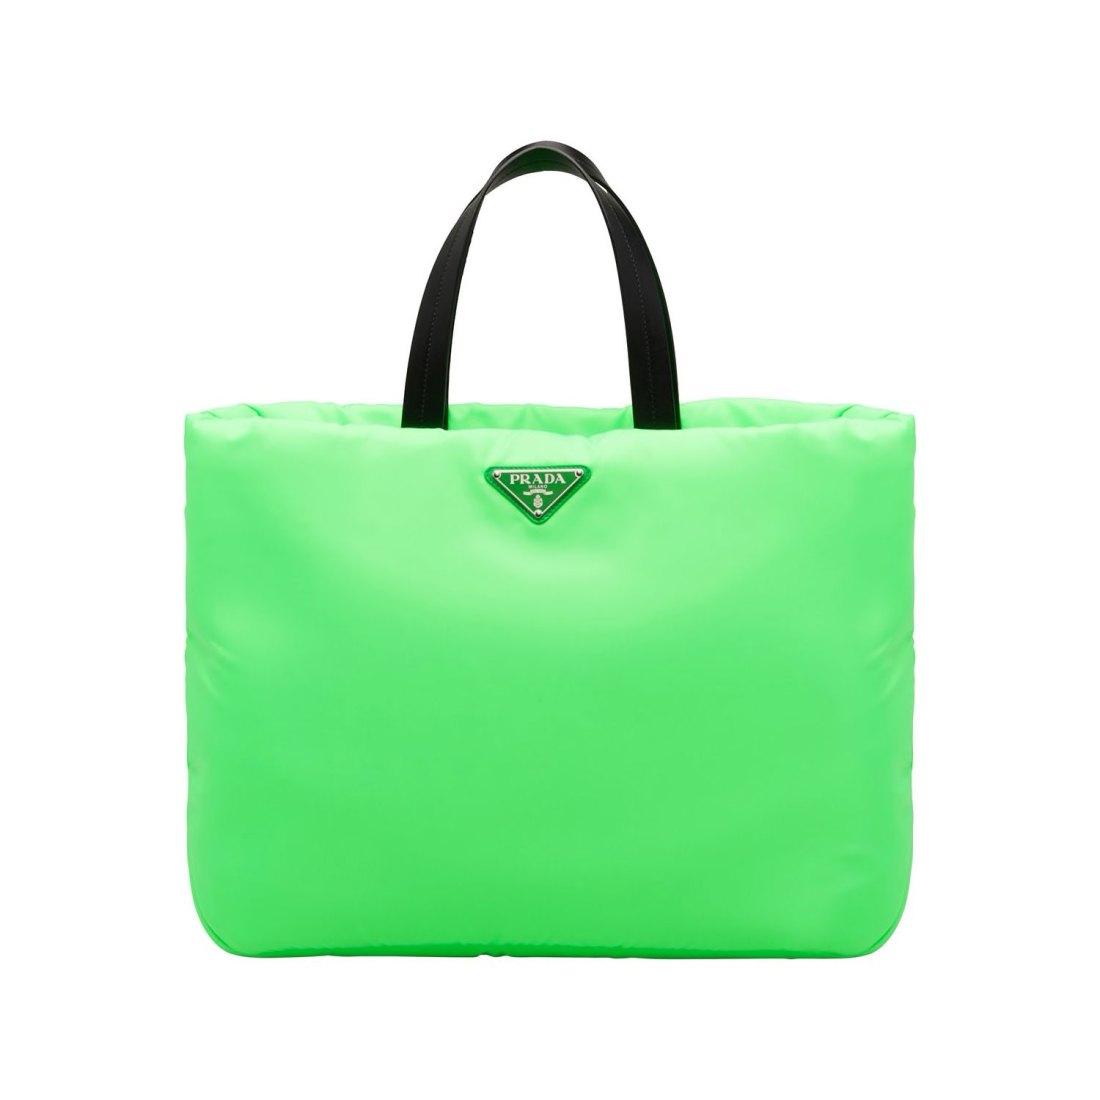 Neon and Neutrals: Tasche von Prada